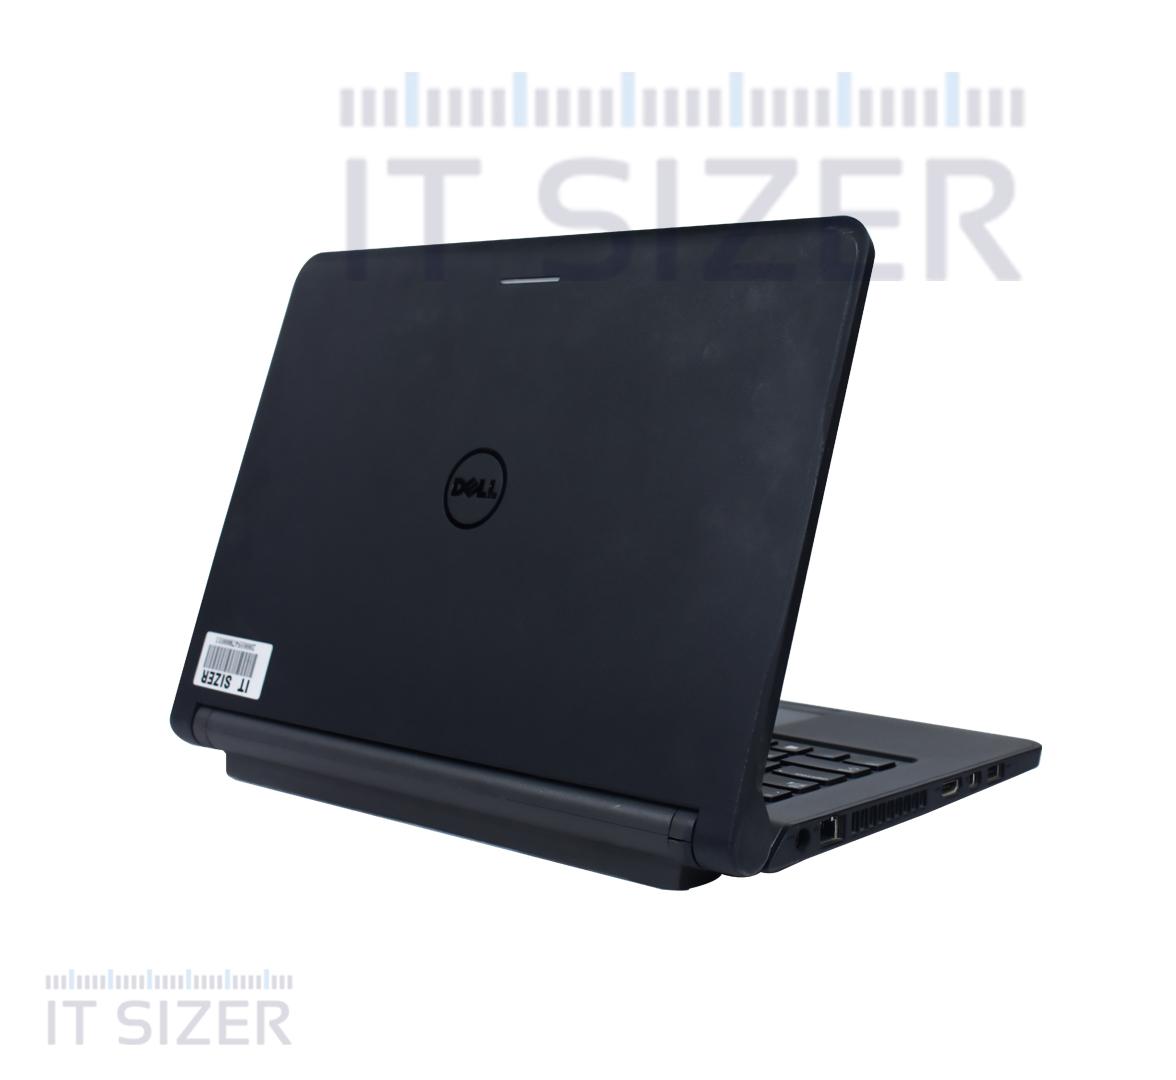 Dell Latitude 3340 Business Laptop, Intel Core i5-4210U CPU, 8GB DDR3L SODIMM RAM, 250GB SATA 2.5 Hard, 13 inch Display (Renewed)